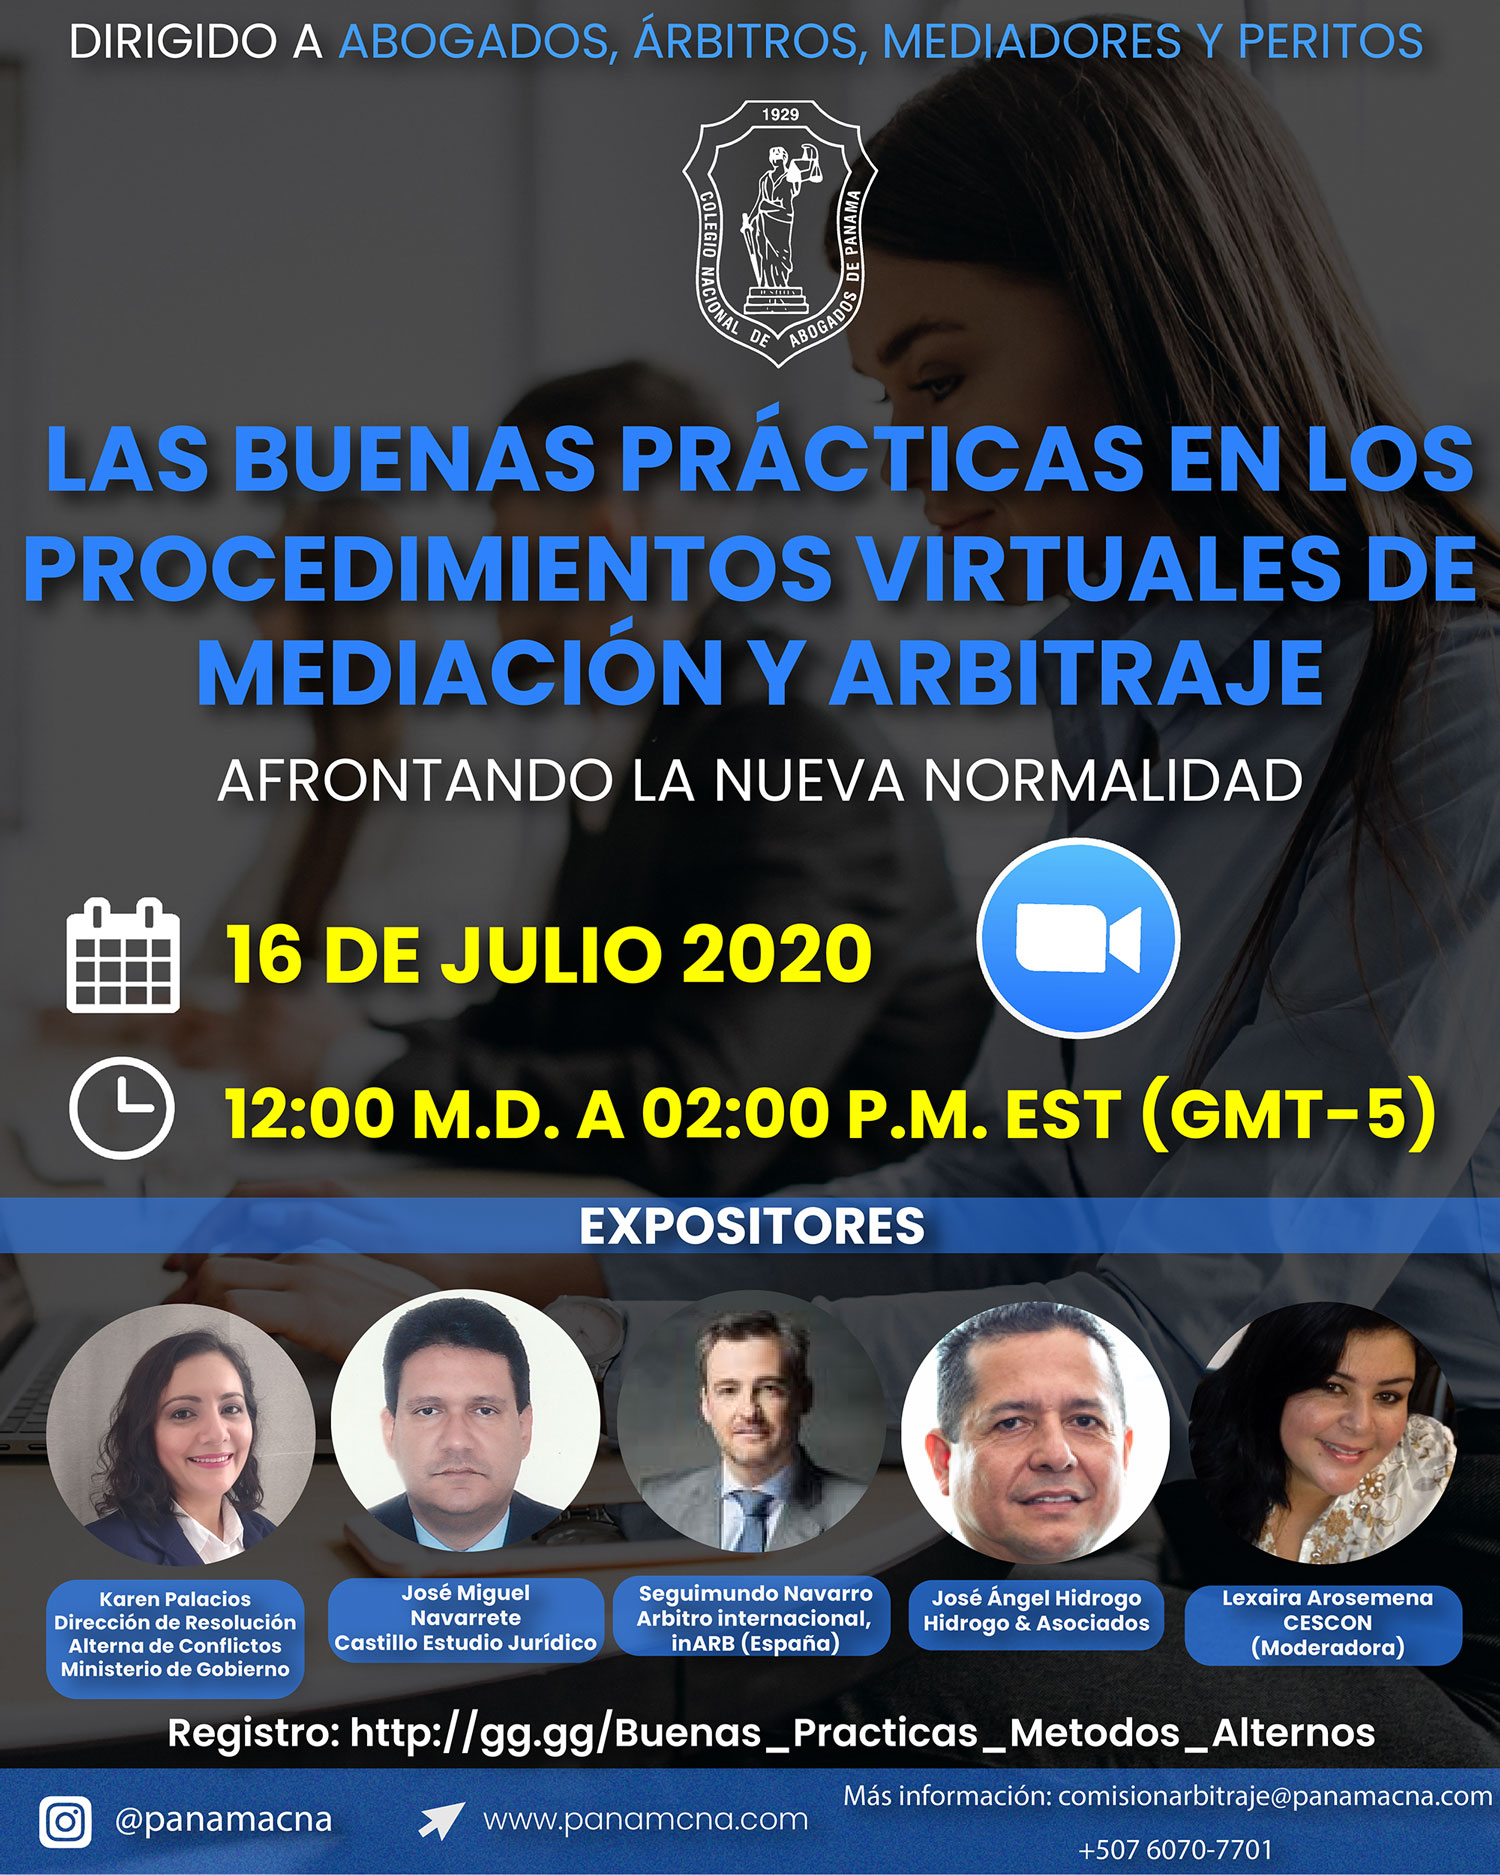 seminario-web-las-buenas-practicas-en-los-procedimientos-virtuales-de-mediacion-y-arbitraje